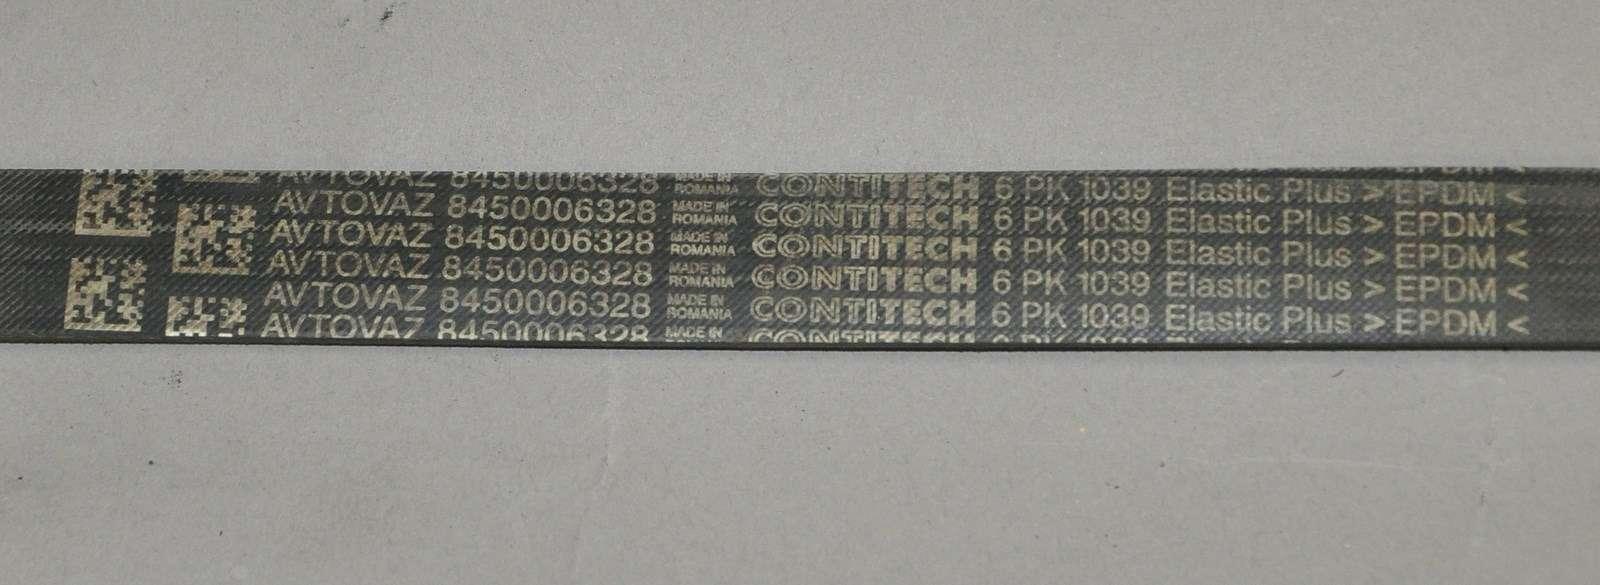 Lada Vesta: проверка изамена ремня привода вспомогательных агрегатов— фото 568371